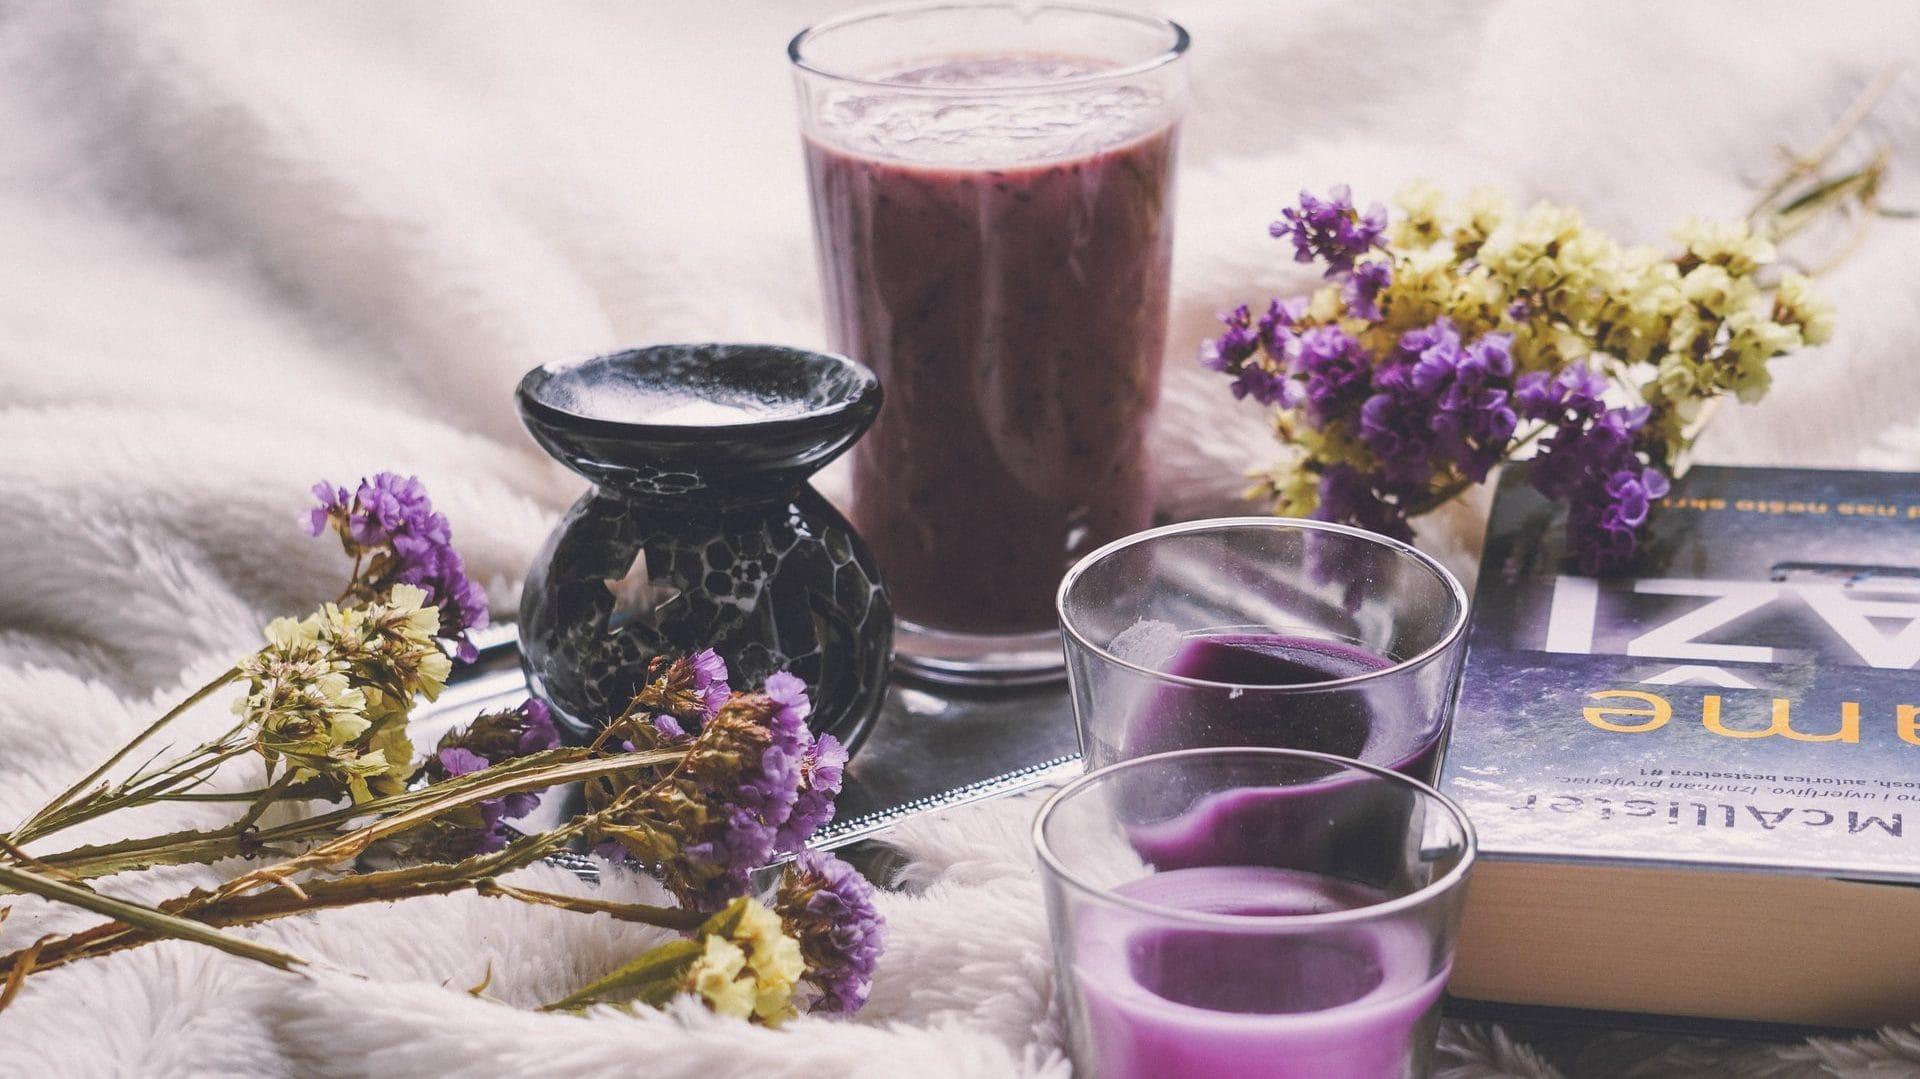 Lavendel  geurkaarsen, met boek en bloemen. Vooraanzicht.